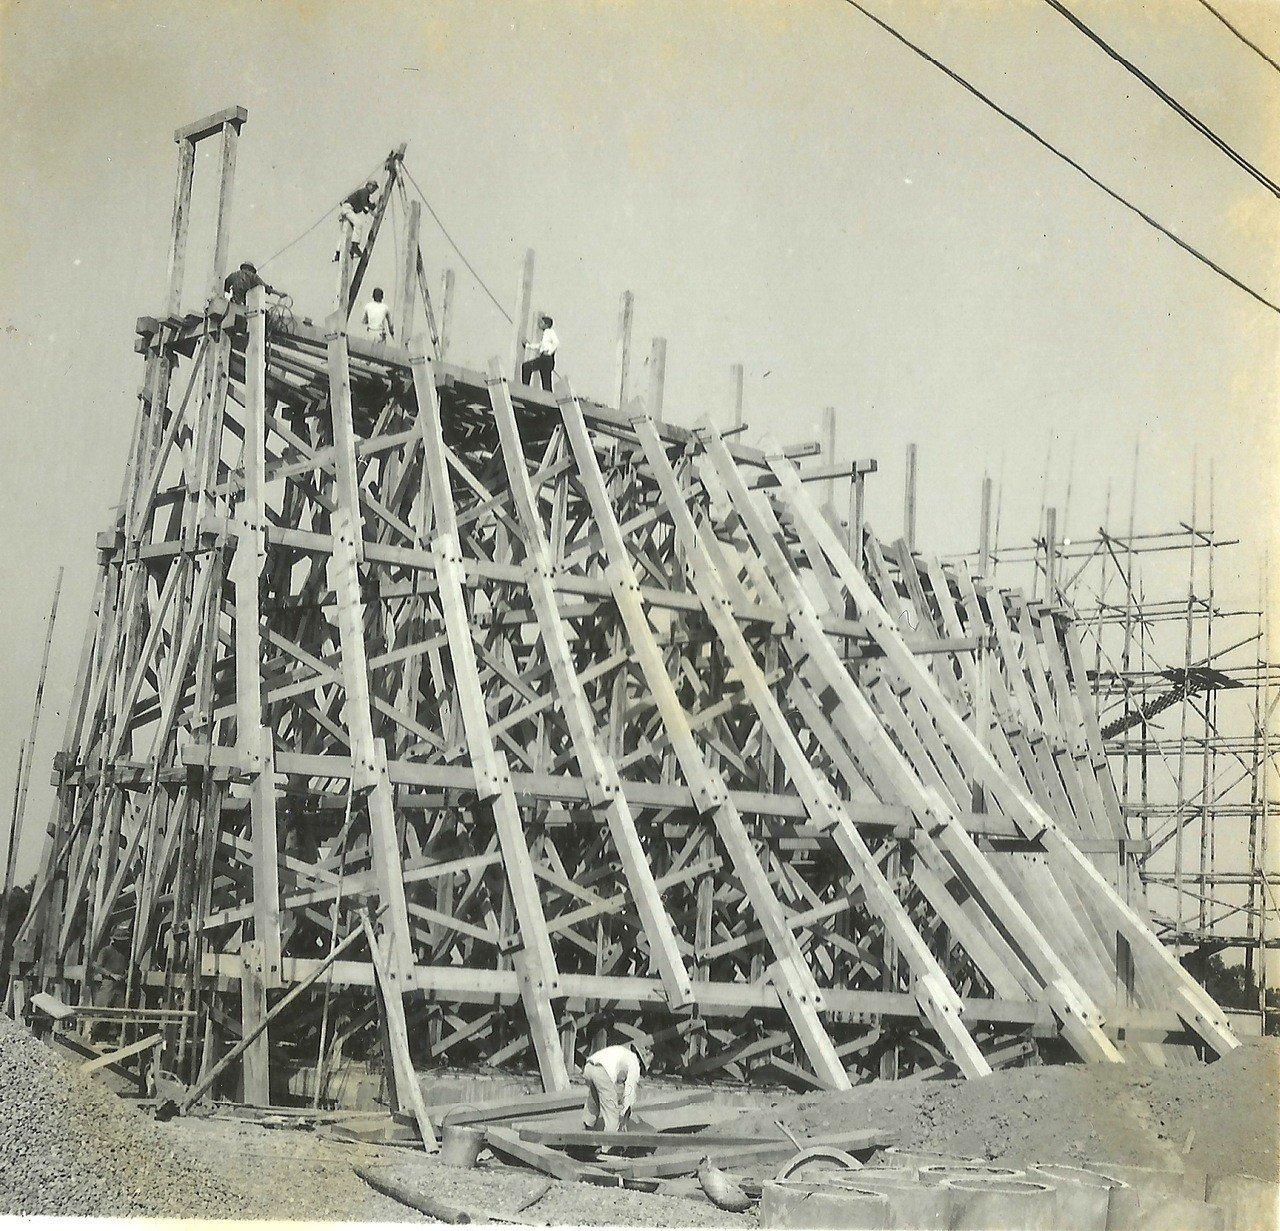 無柱、無樑、無牆的建築工法,是路思義教堂最大特色。 圖/東海大學提供